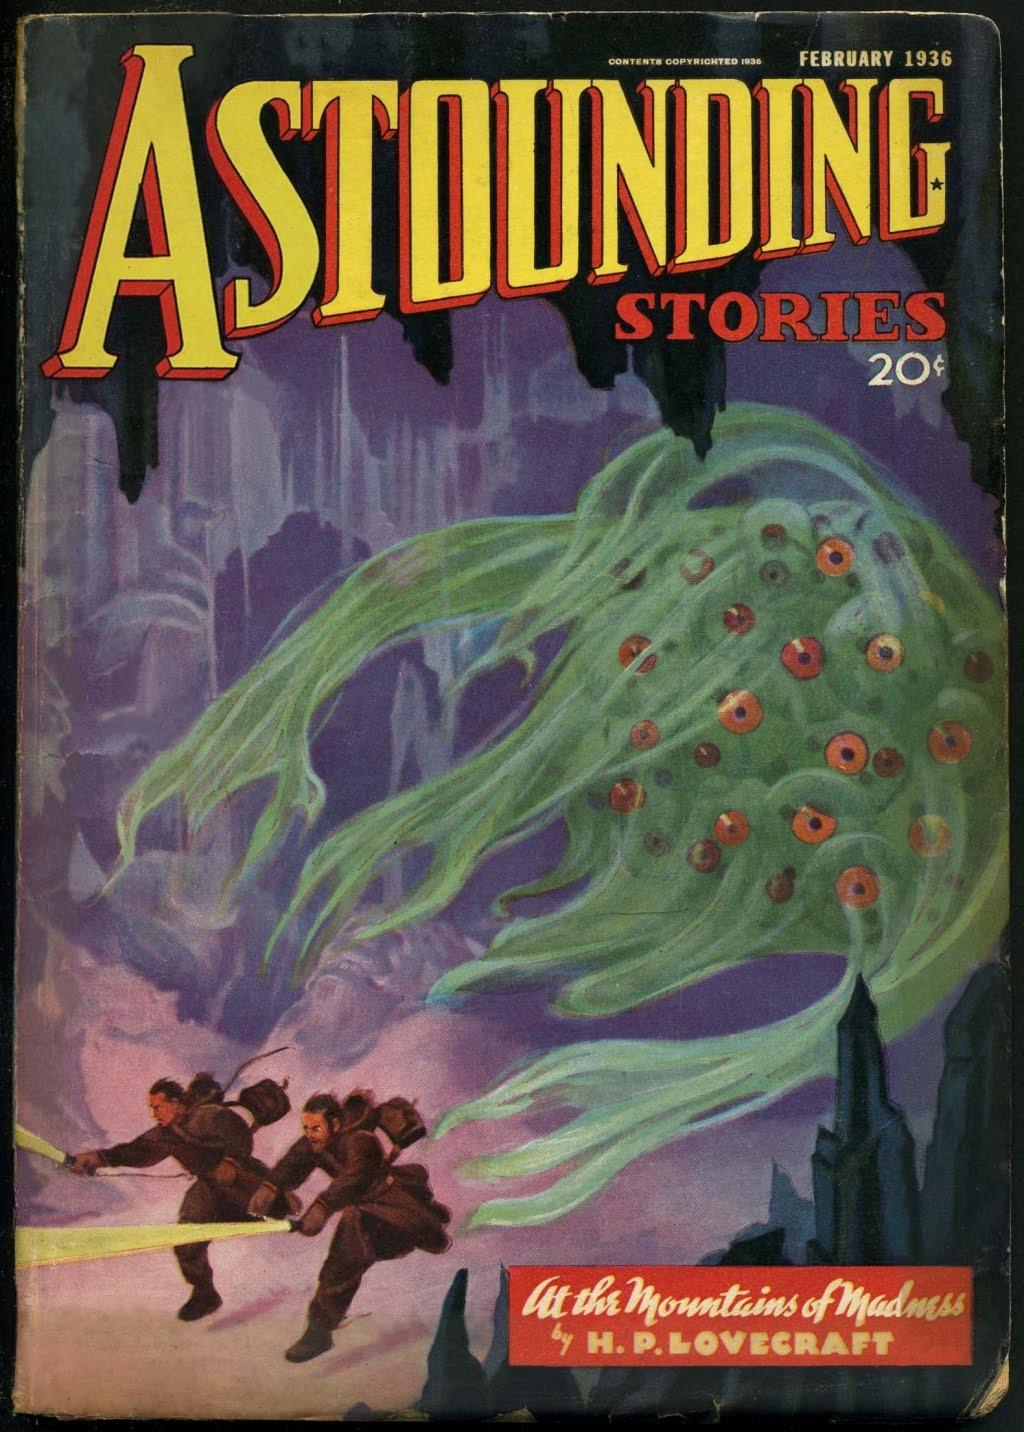 H.P. Lovecraft - Terrores Bibliográficos (1917-1959) | Noviembre Nocturno 83